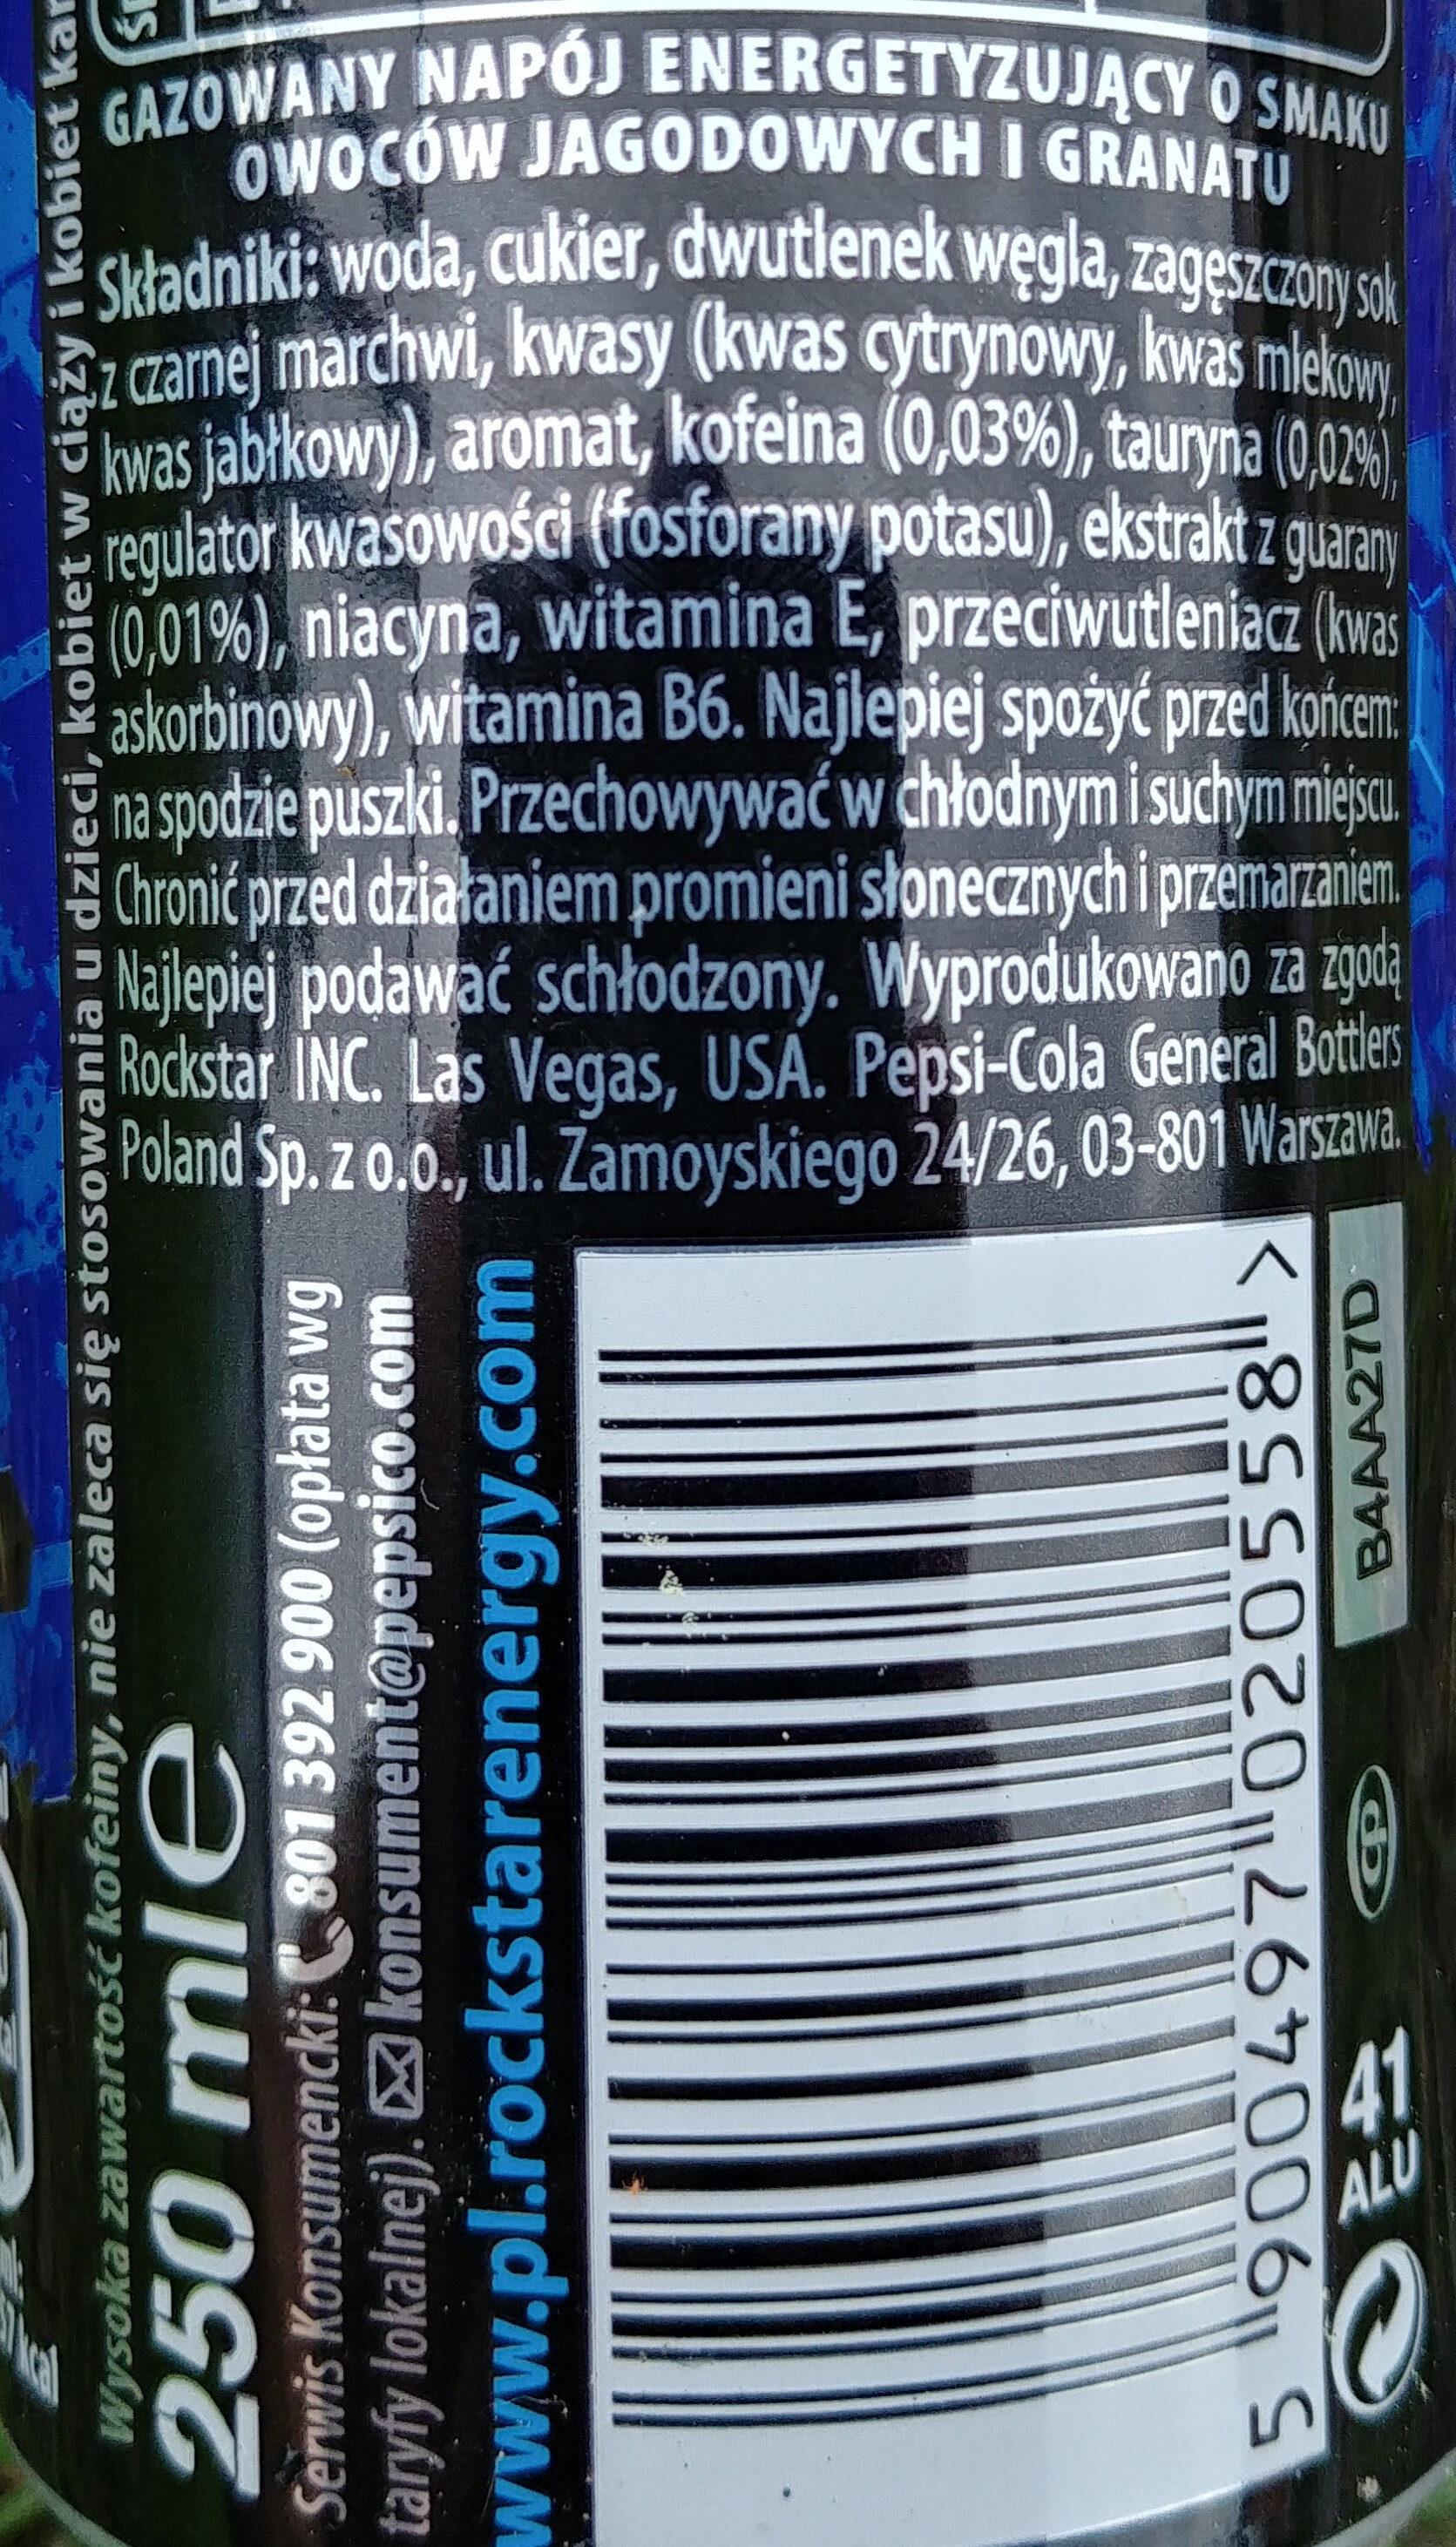 Gazowany napój energetyzujący o smaku owoców jagodowych i granatu - Składniki - pl